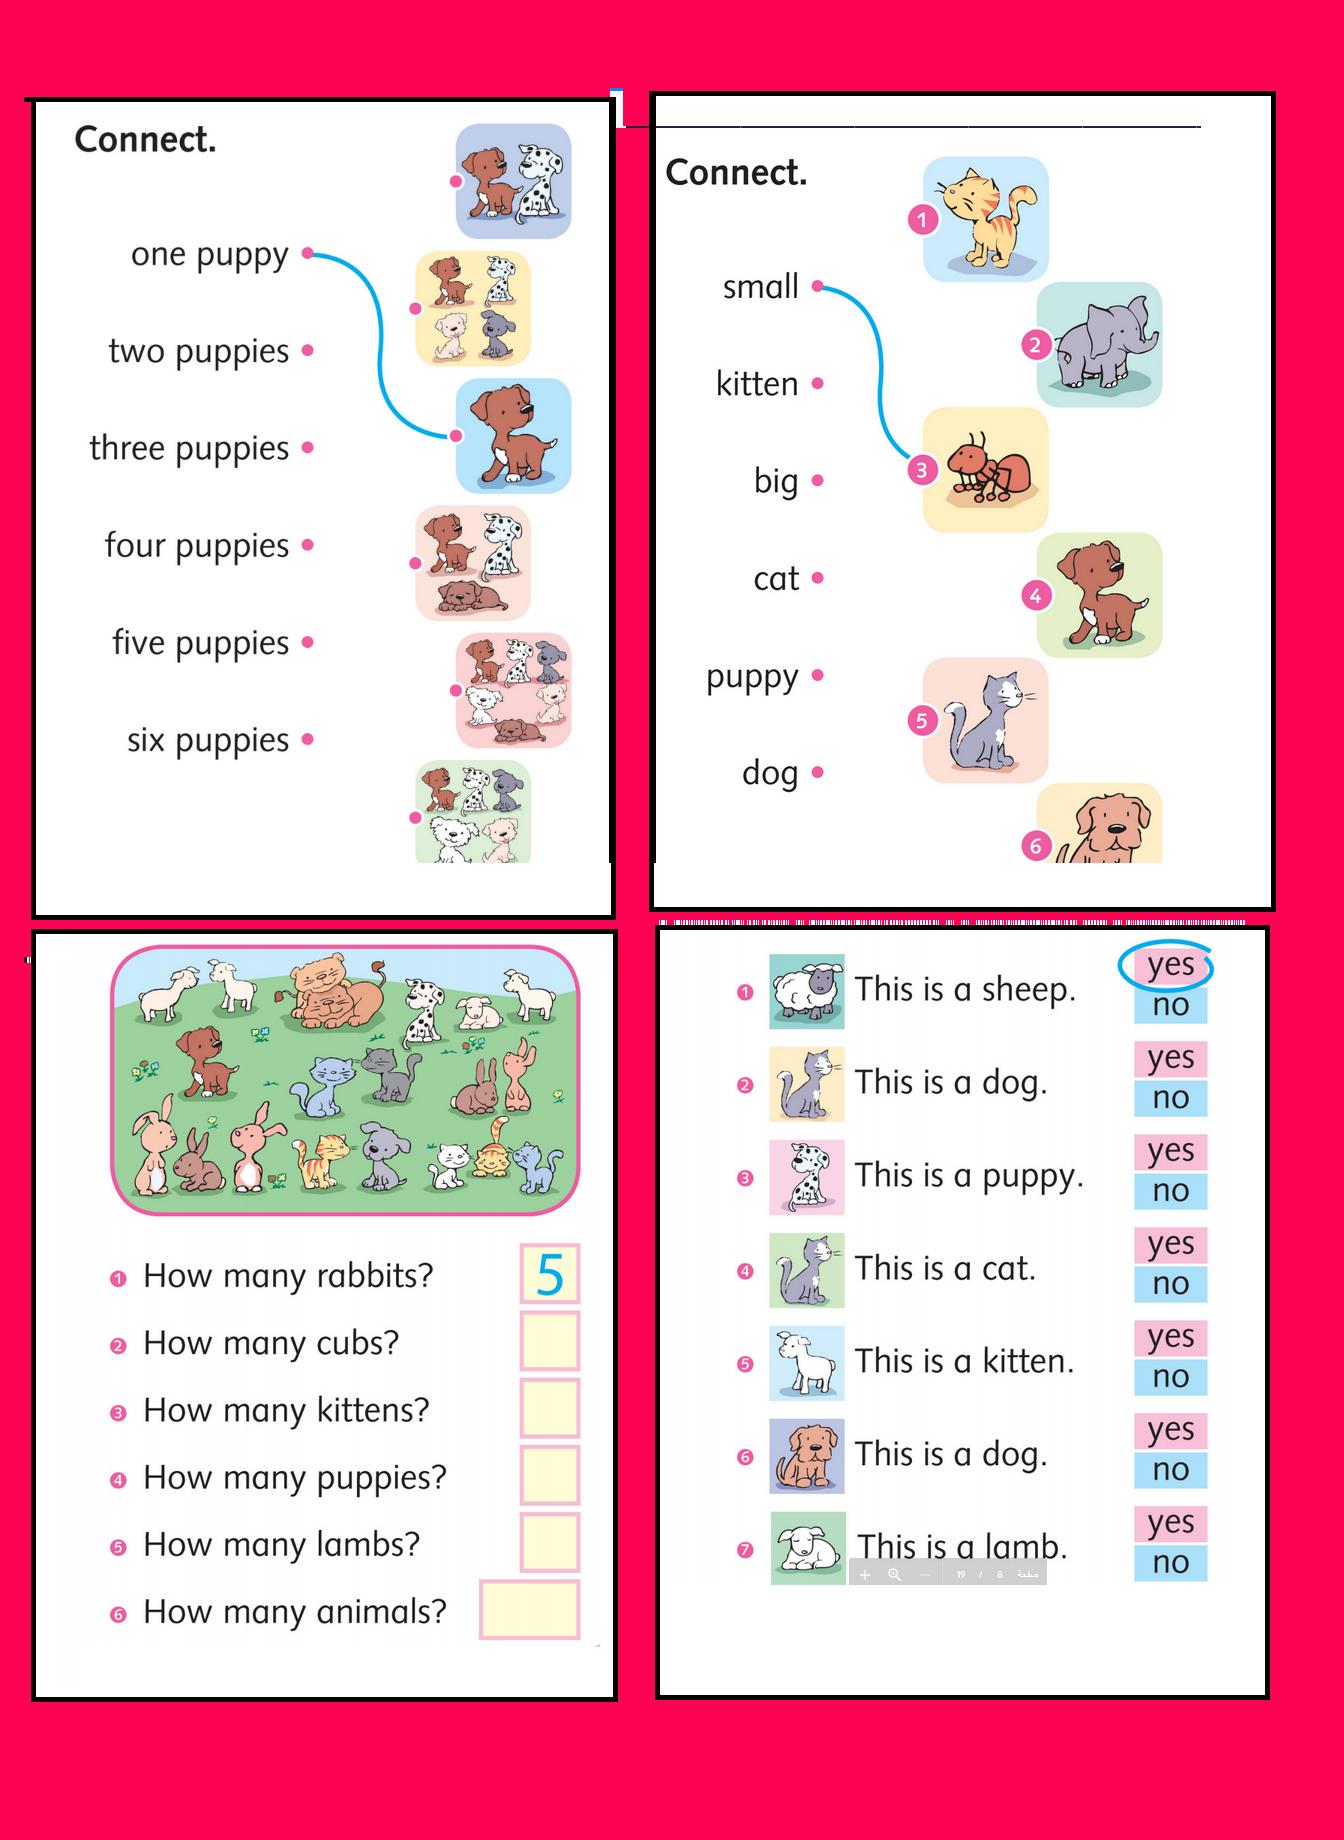 قصص بالانجليزي قصيرة جدا للاطفال